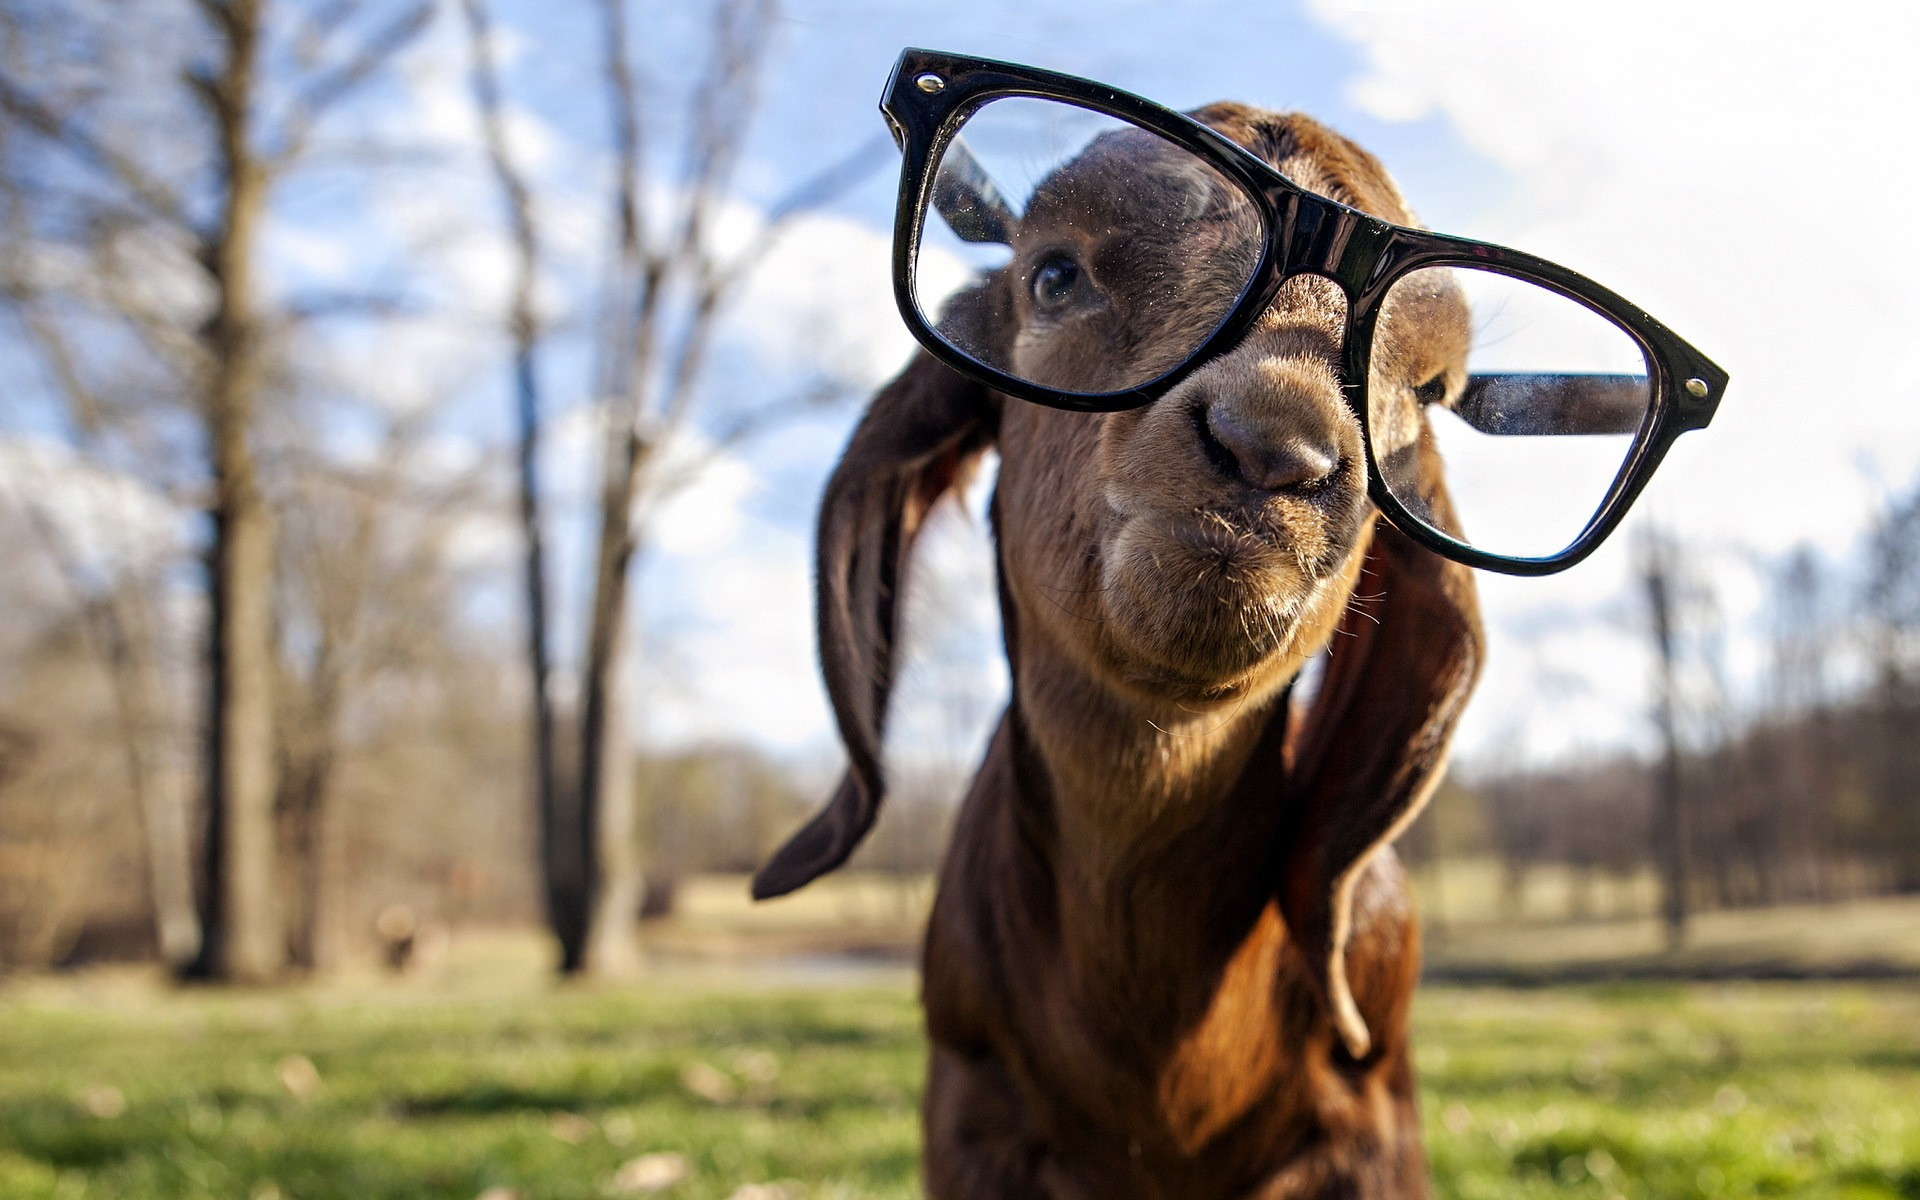 тому же, фото смешных животных сайты квартиру опоясывает